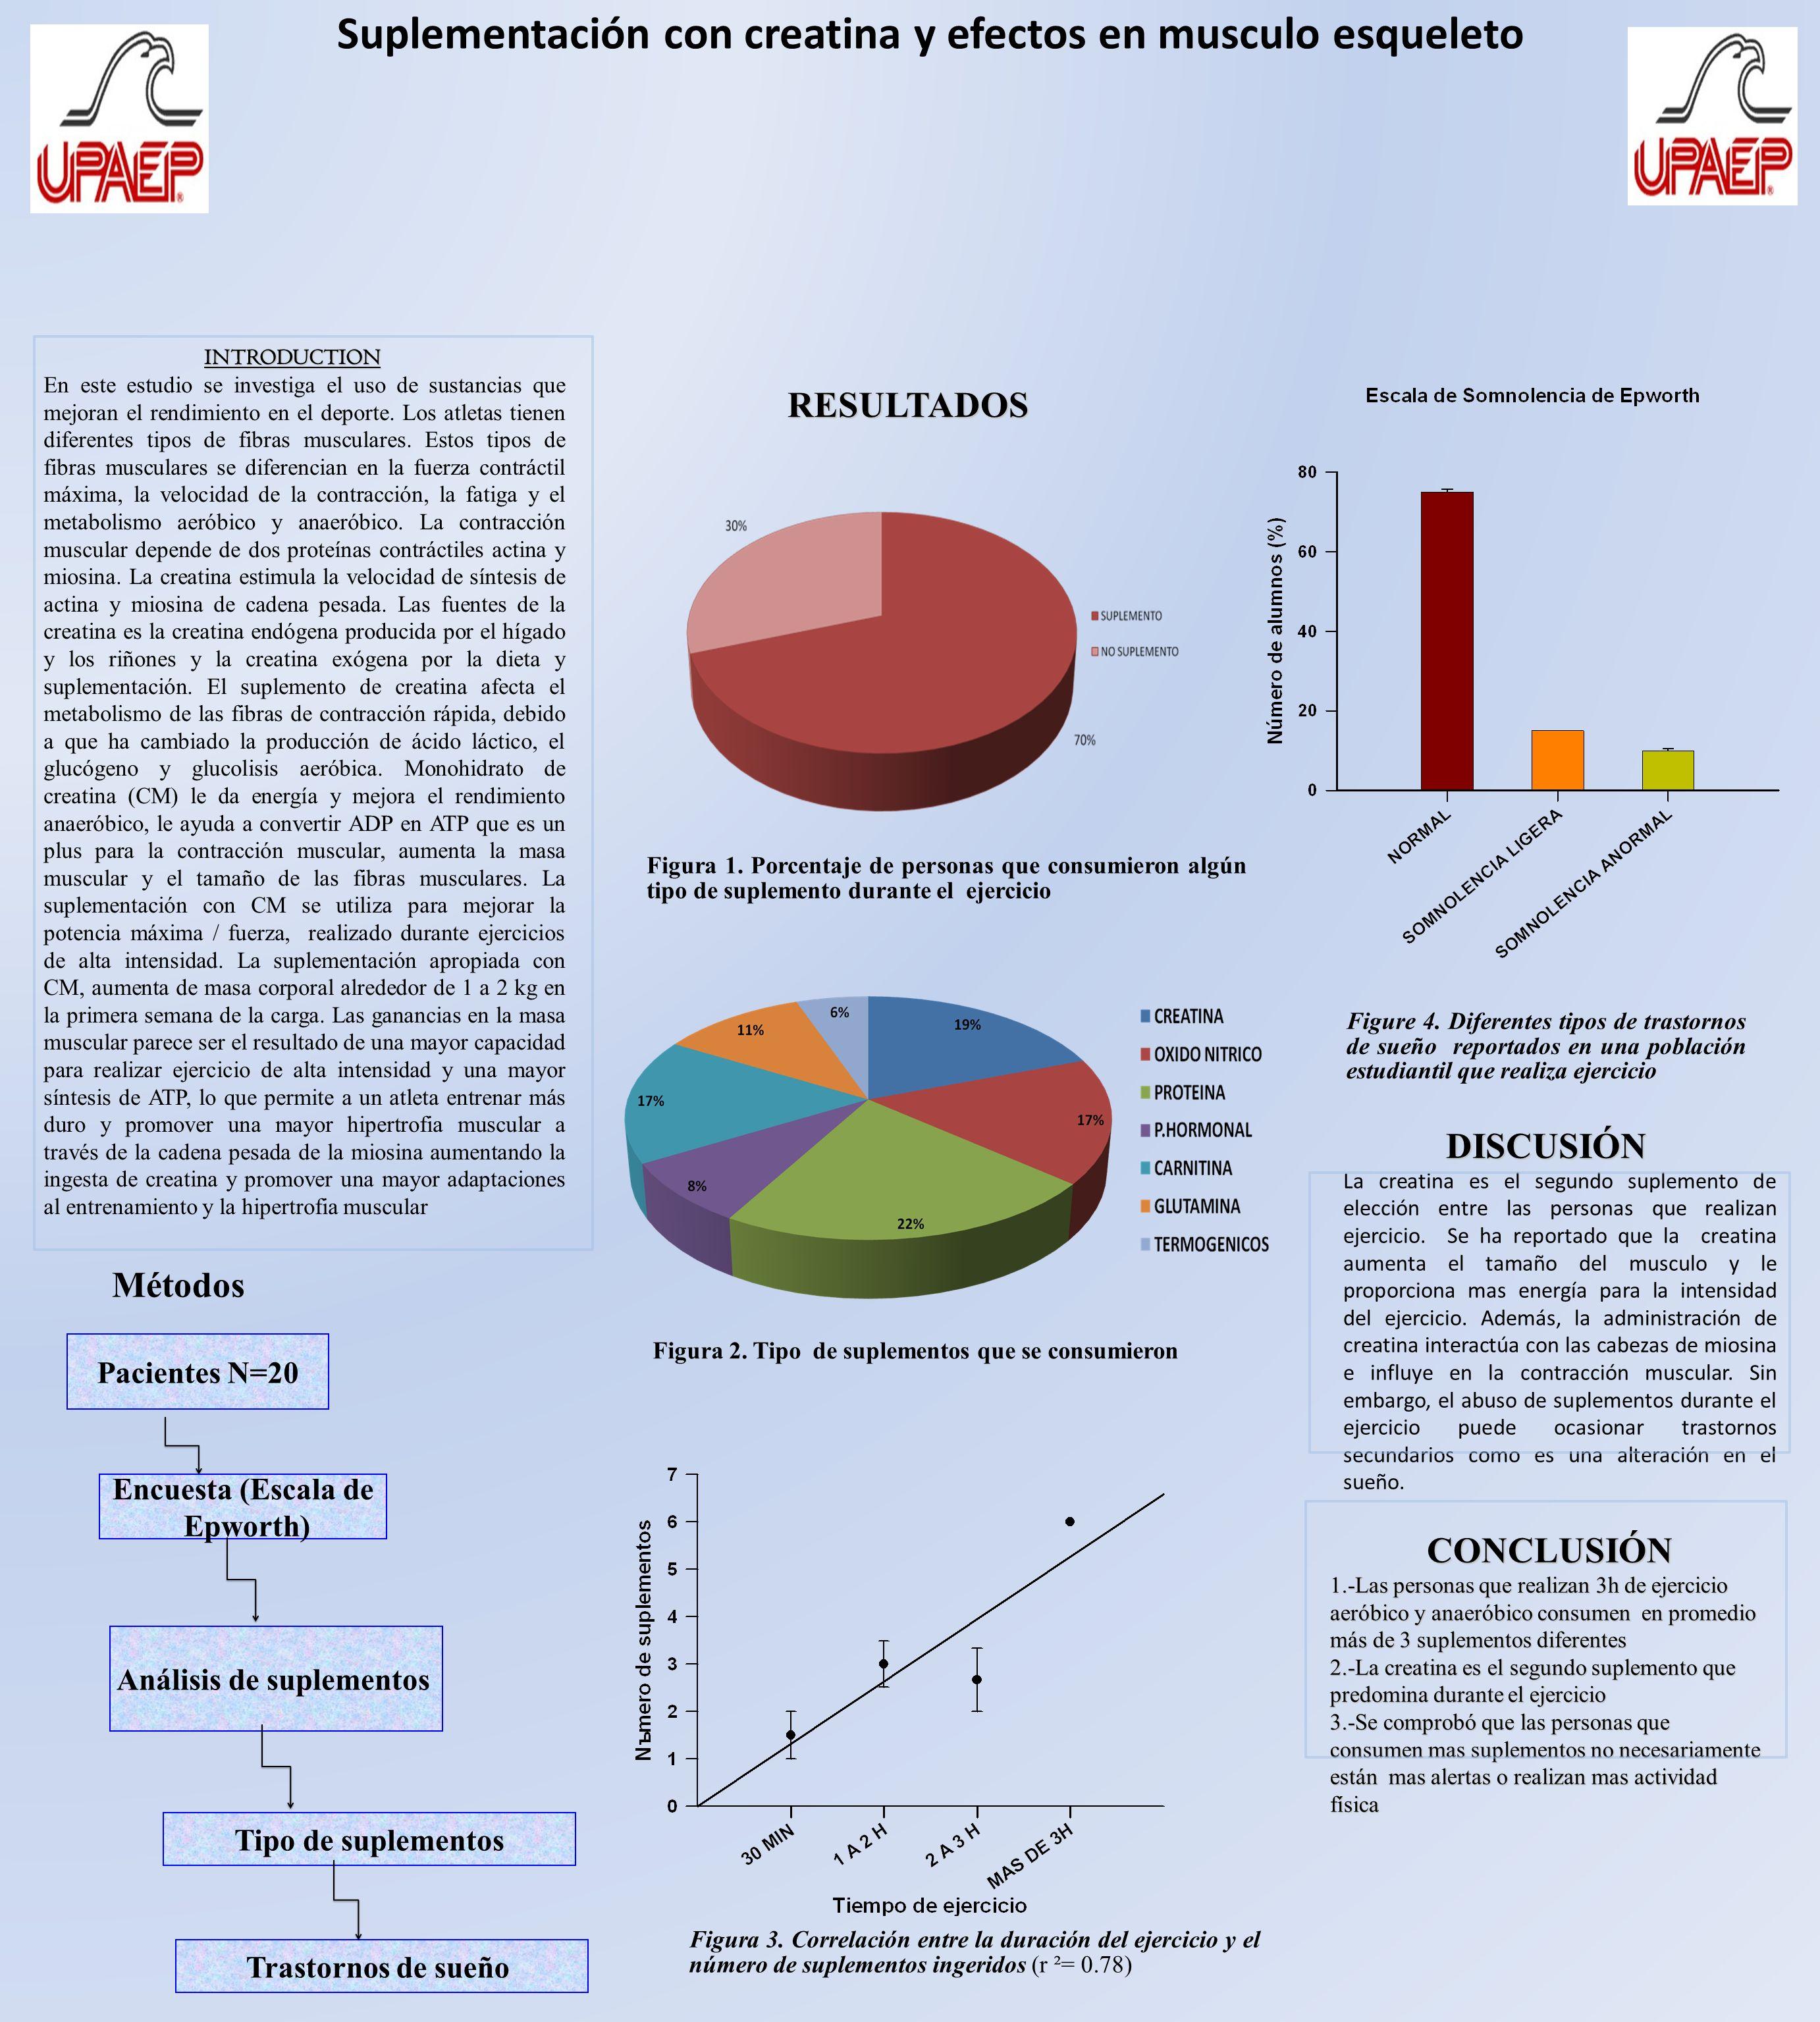 Suplementación con creatina y efectos en musculo esqueleto INTRODUCTION INTRODUCTION En este estudio se investiga el uso de sustancias que mejoran el rendimiento en el deporte.